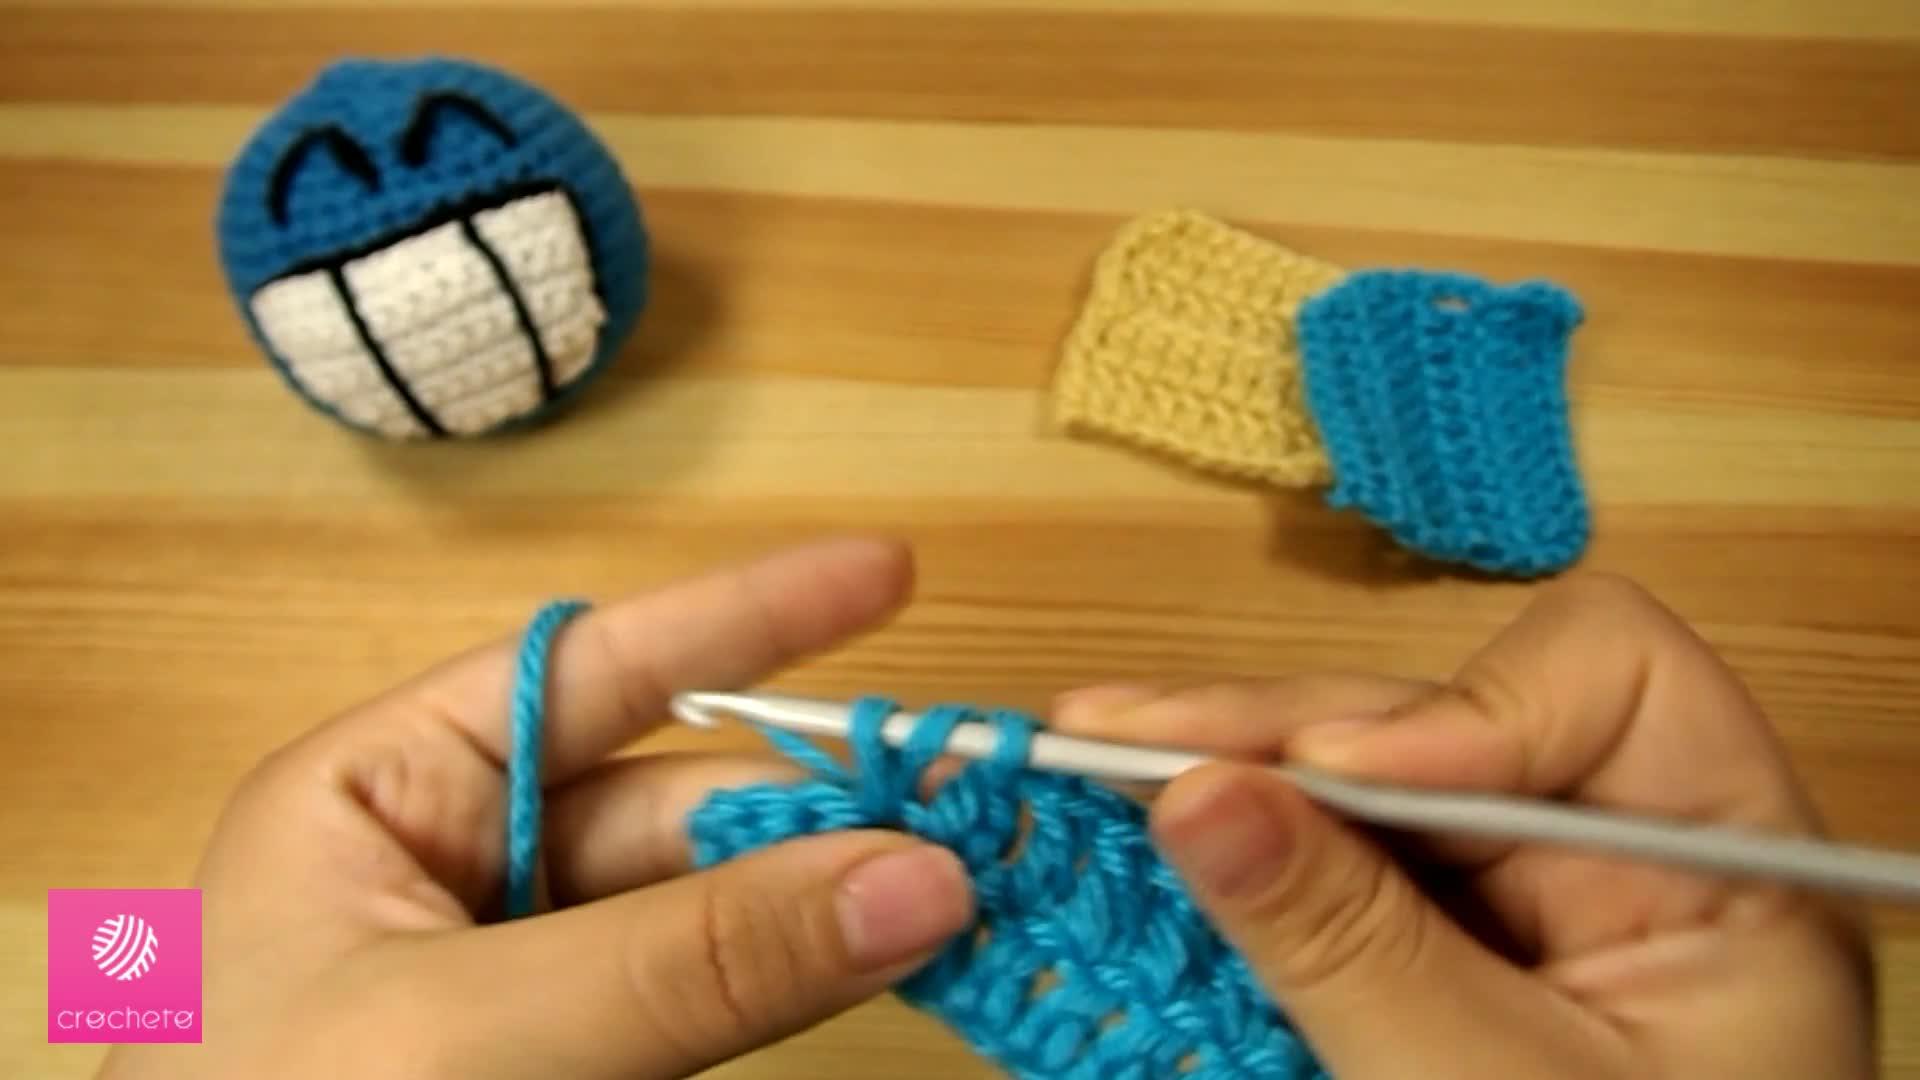 تعليم الكروشيه غرزة العمود بلفه -البريدة - Learn how to Crochet for beginners Double Crochet 6